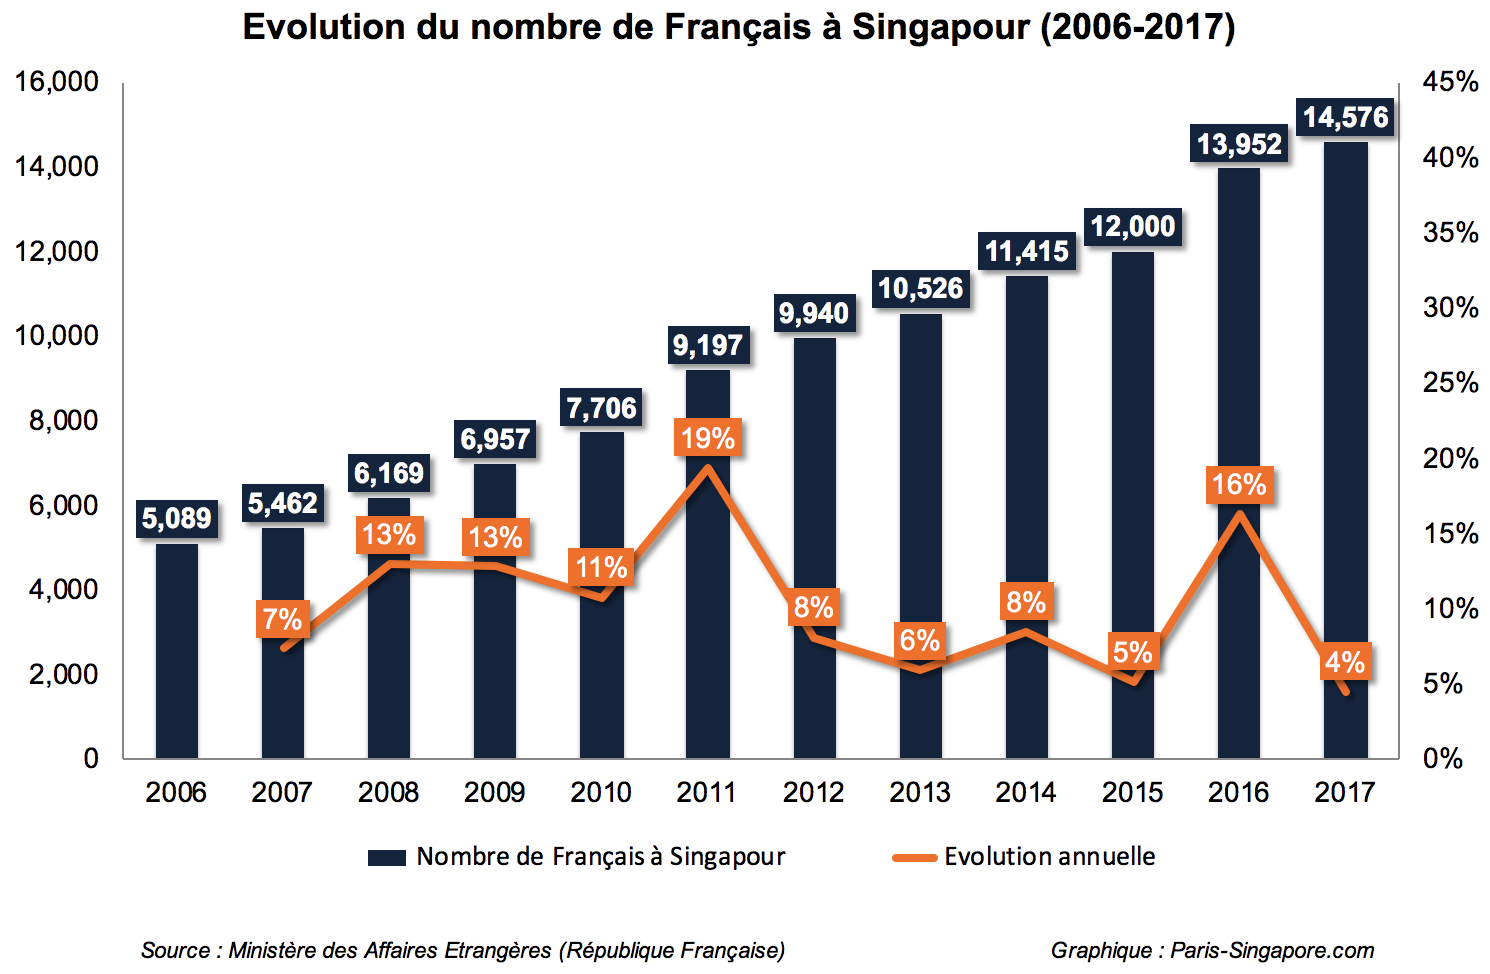 Population Francaise singapour de 2006 a 2017